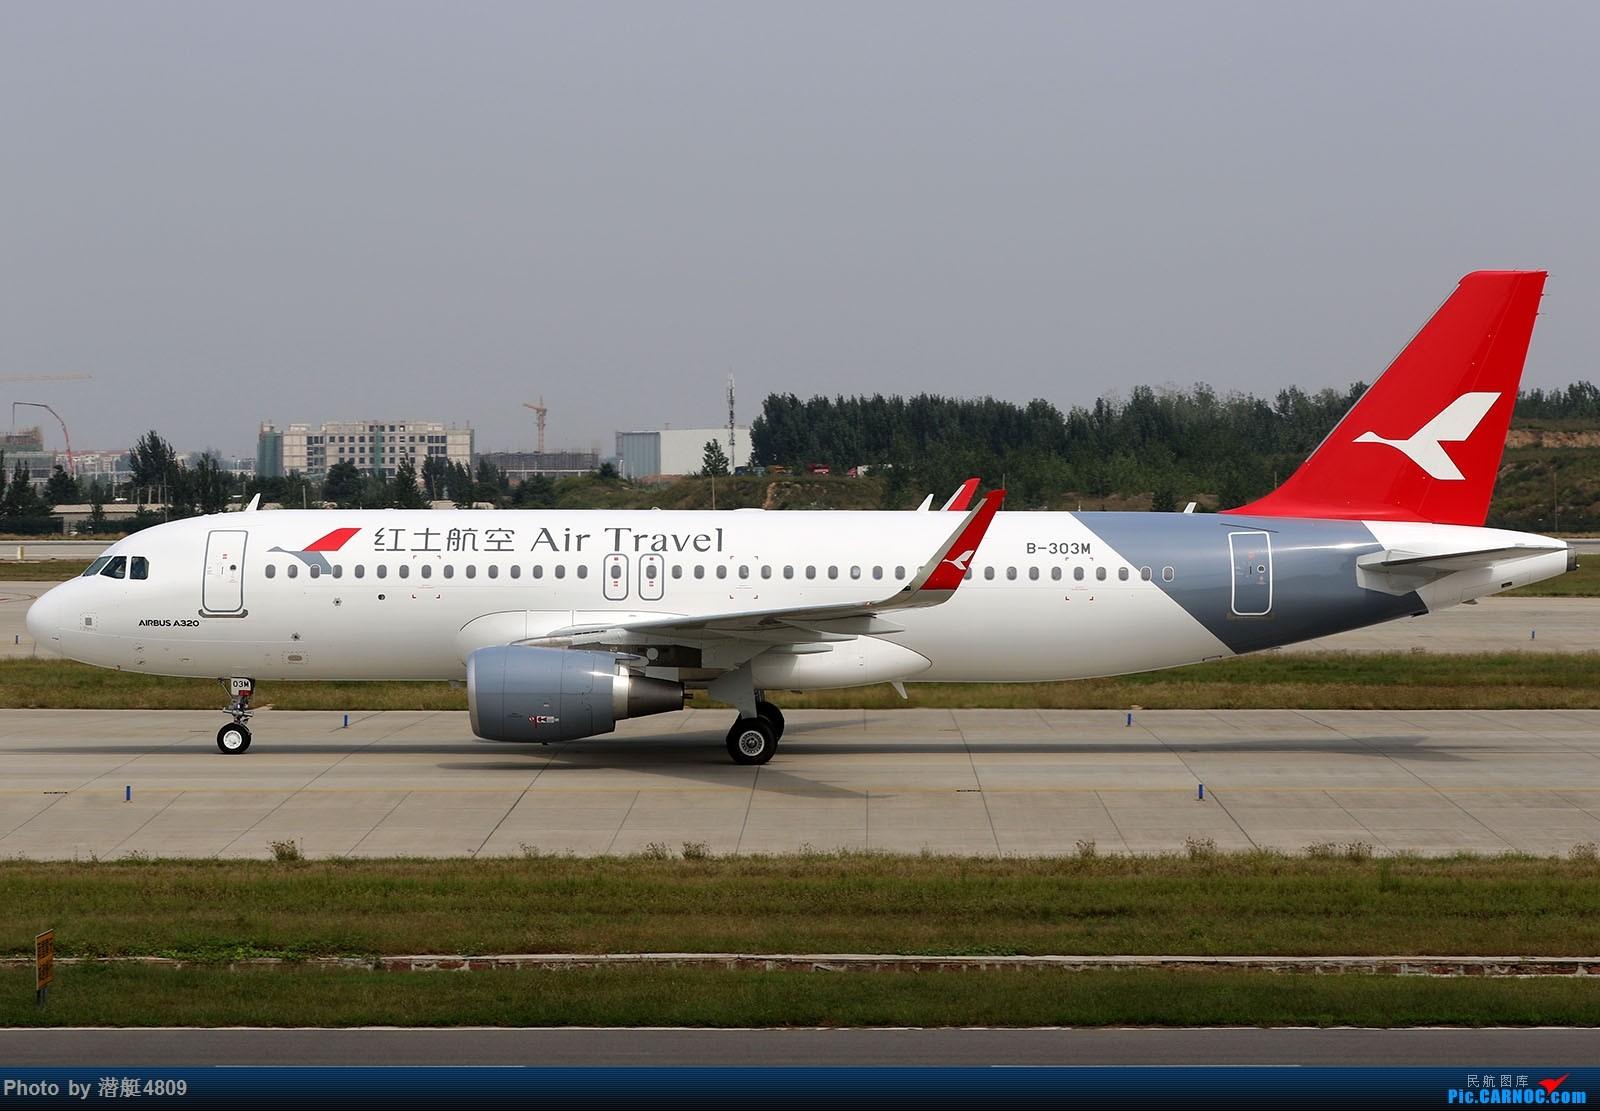 [原创]【郑州飞友会】红士航空第五架全新涂装客机 AIRBUS A320-200 B-303M 中国郑州新郑国际机场